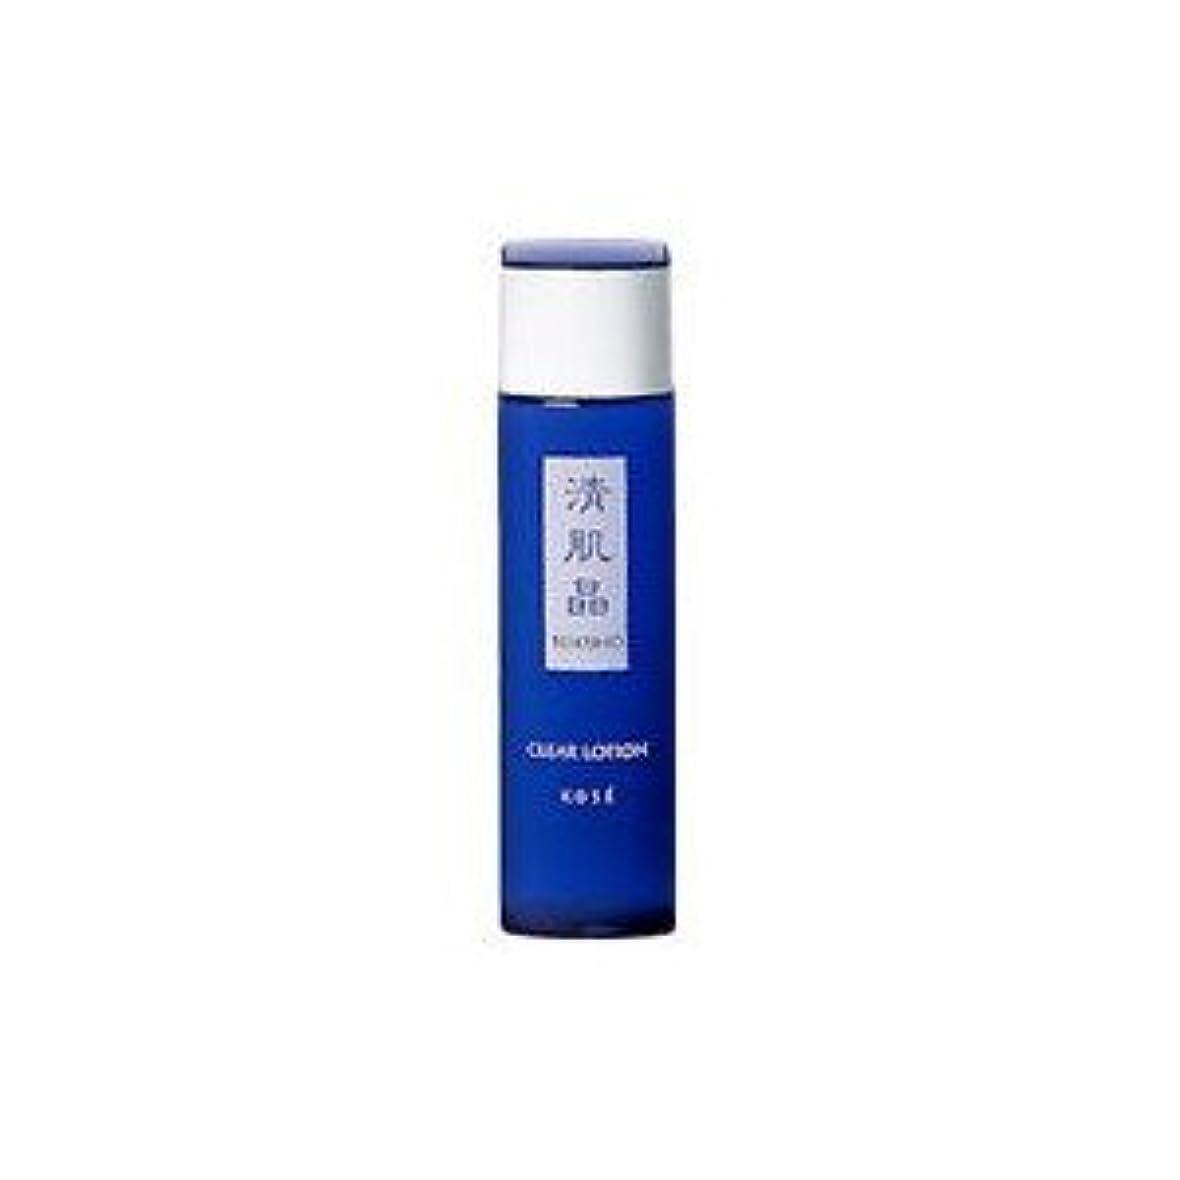 関連付ける分析レイアウトコーセー 清肌晶 クリア ローション 150ml 化粧水 アウトレット